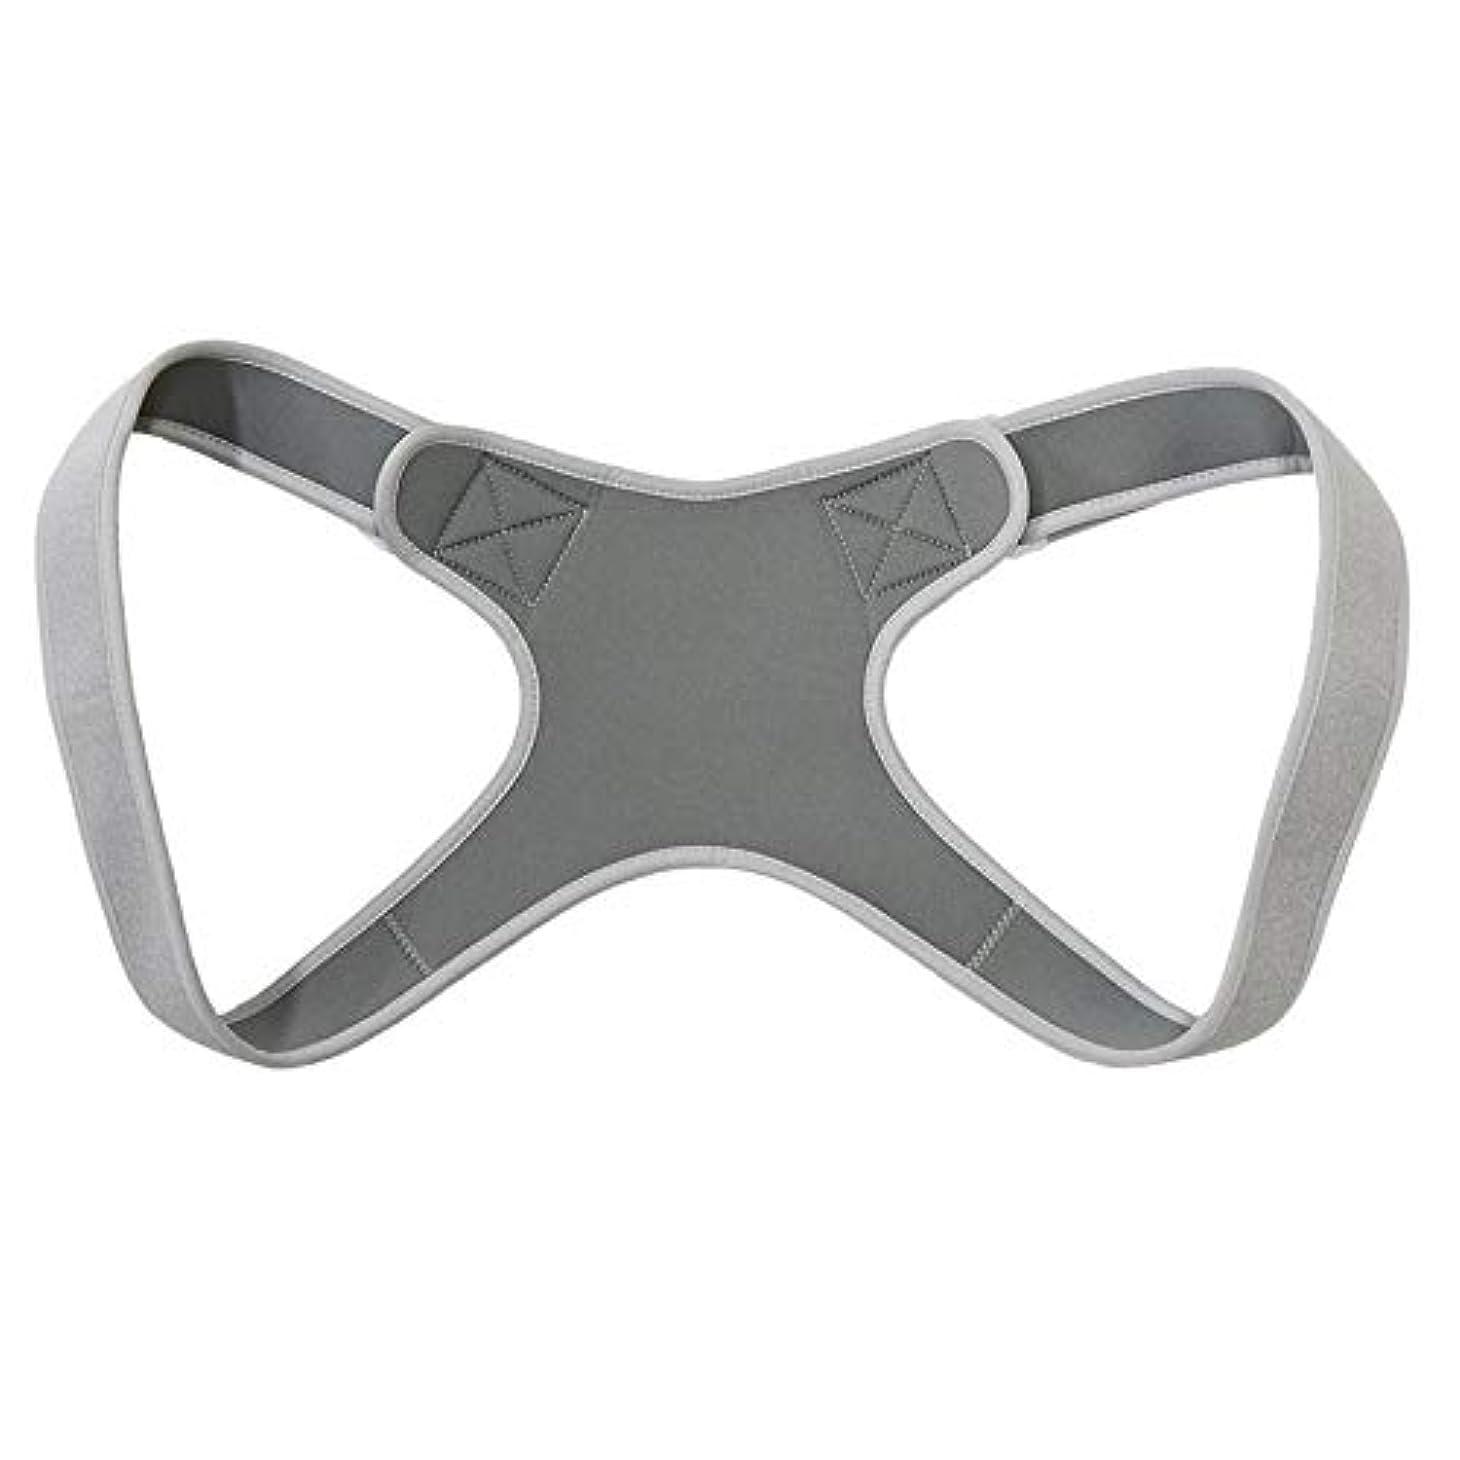 緑ワードローブ接尾辞新しいアッパーバックポスチャーコレクター姿勢鎖骨サポートコレクターバックストレートショルダーブレースストラップコレクター - グレー